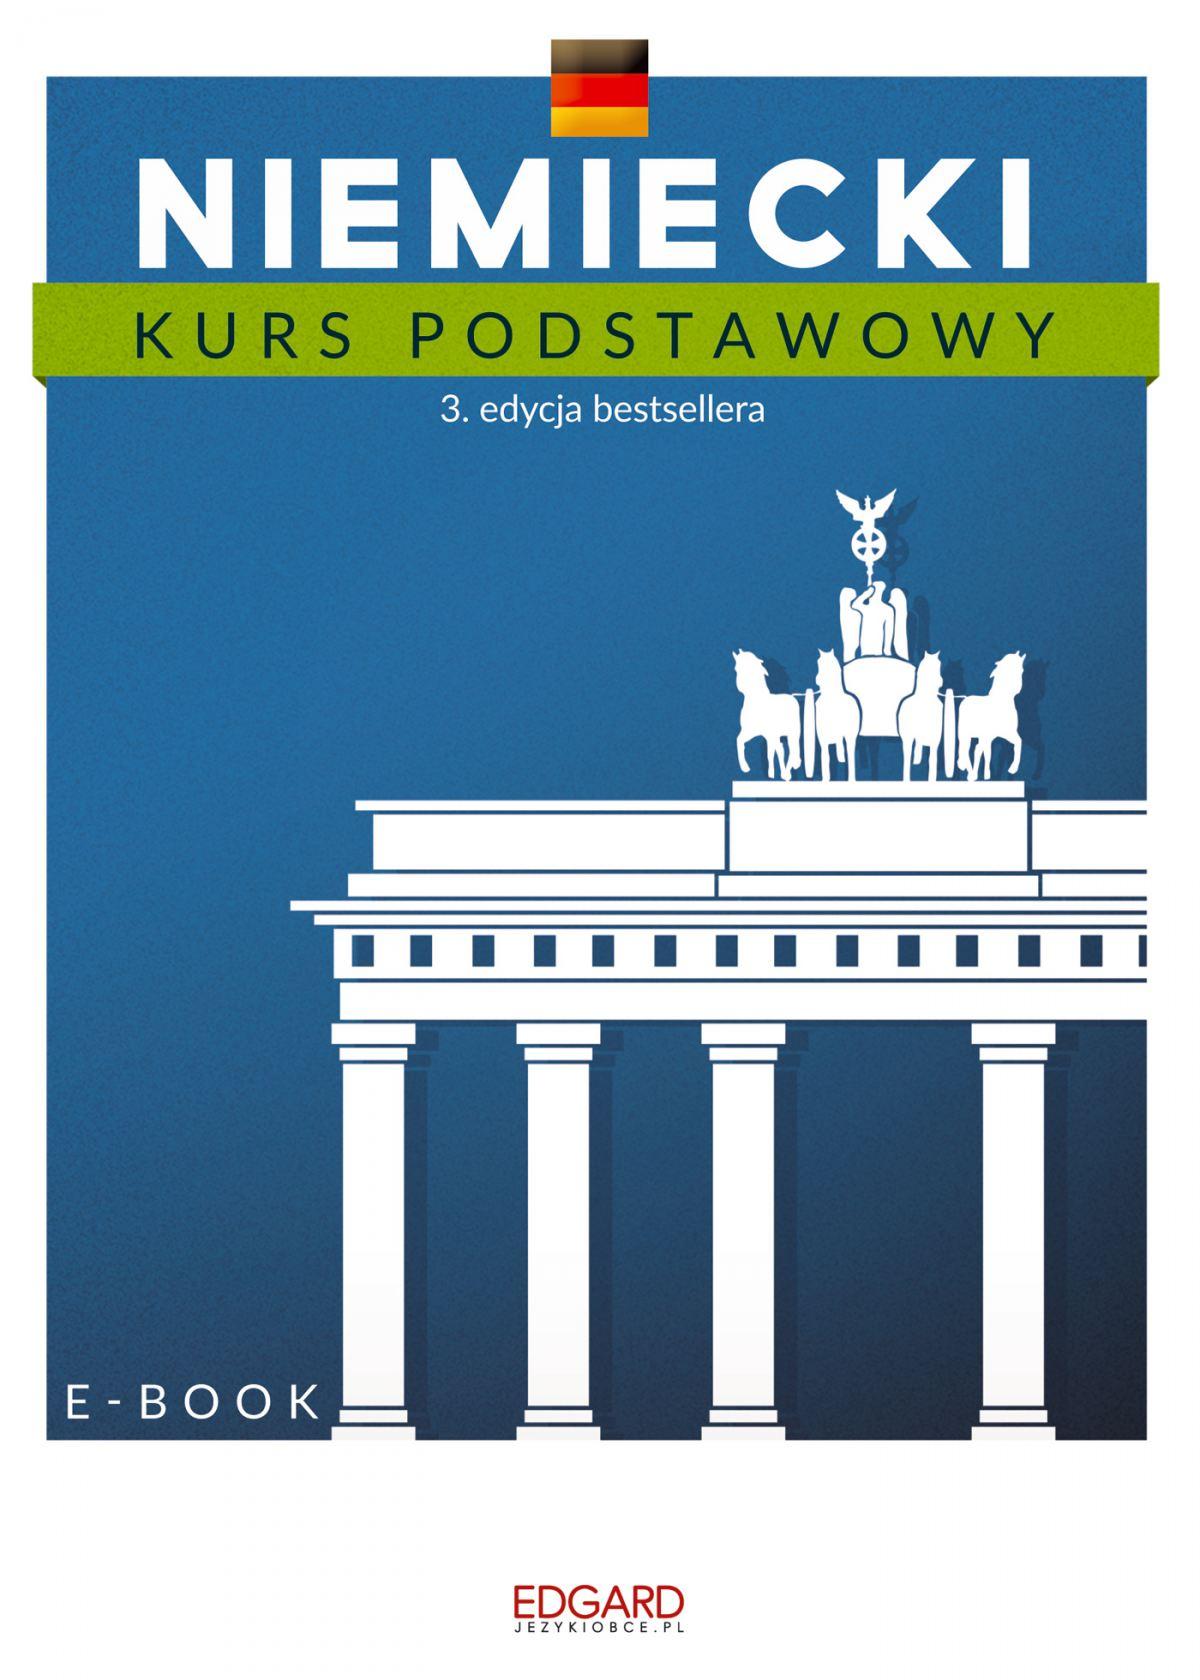 Niemiecki Kurs podstawowy 3. edycja - Ebook (Książka EPUB) do pobrania w formacie EPUB